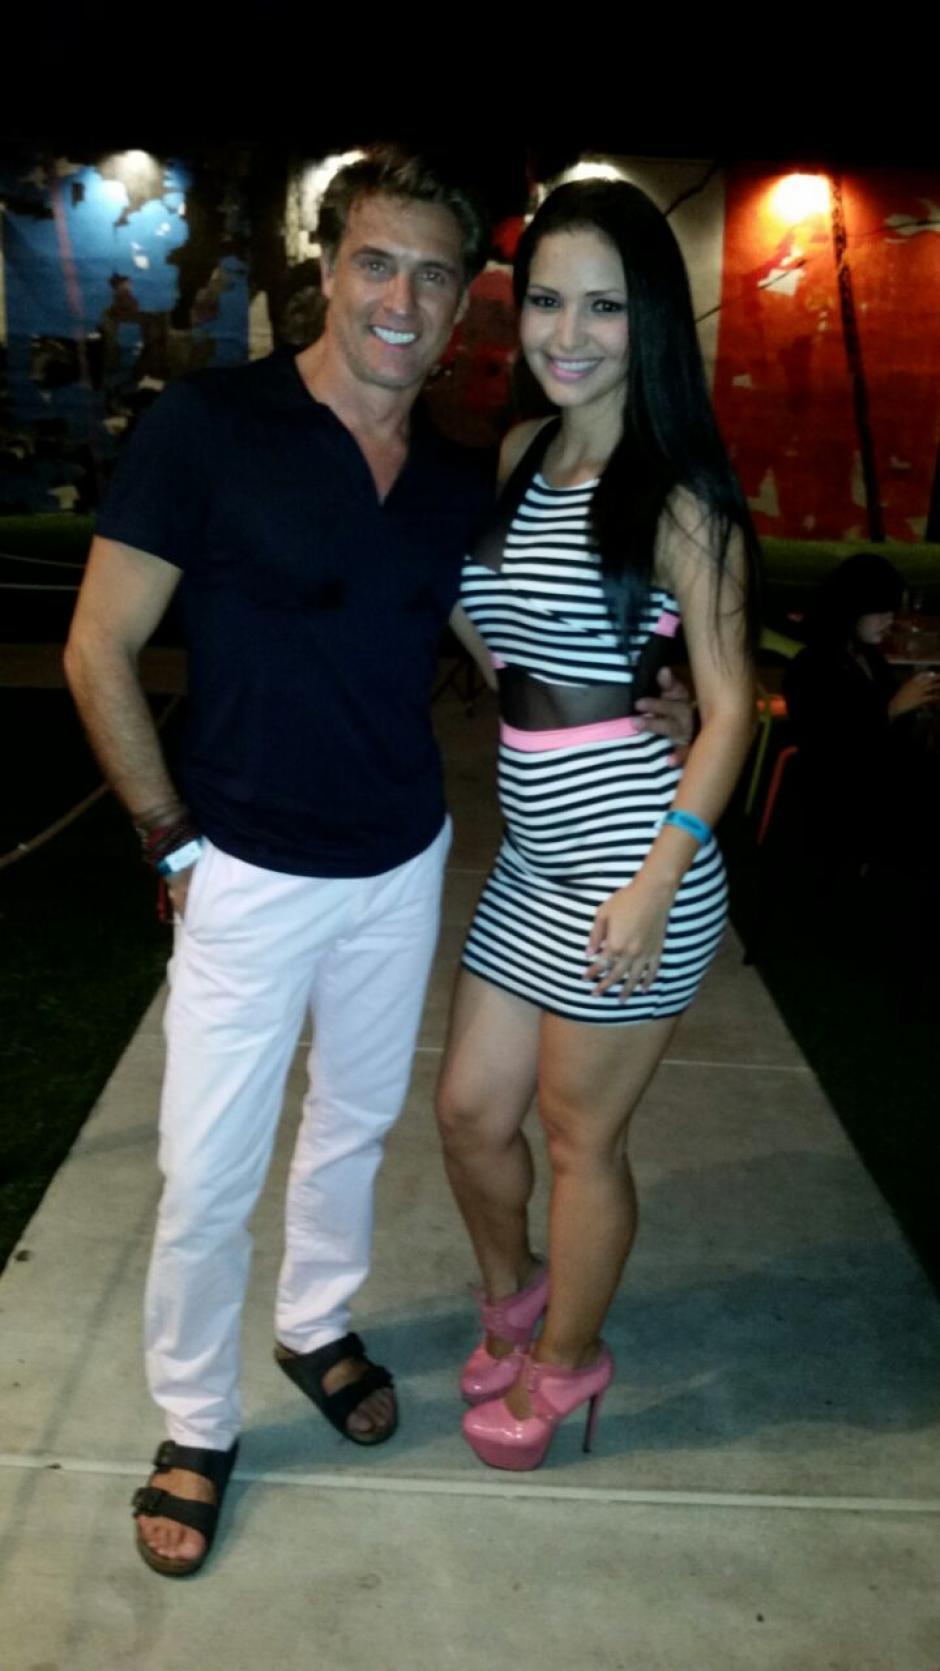 Junto a Juan Soler con quien Lorena Aros compartió en una telenovela. (Foto: Lorena Aros)